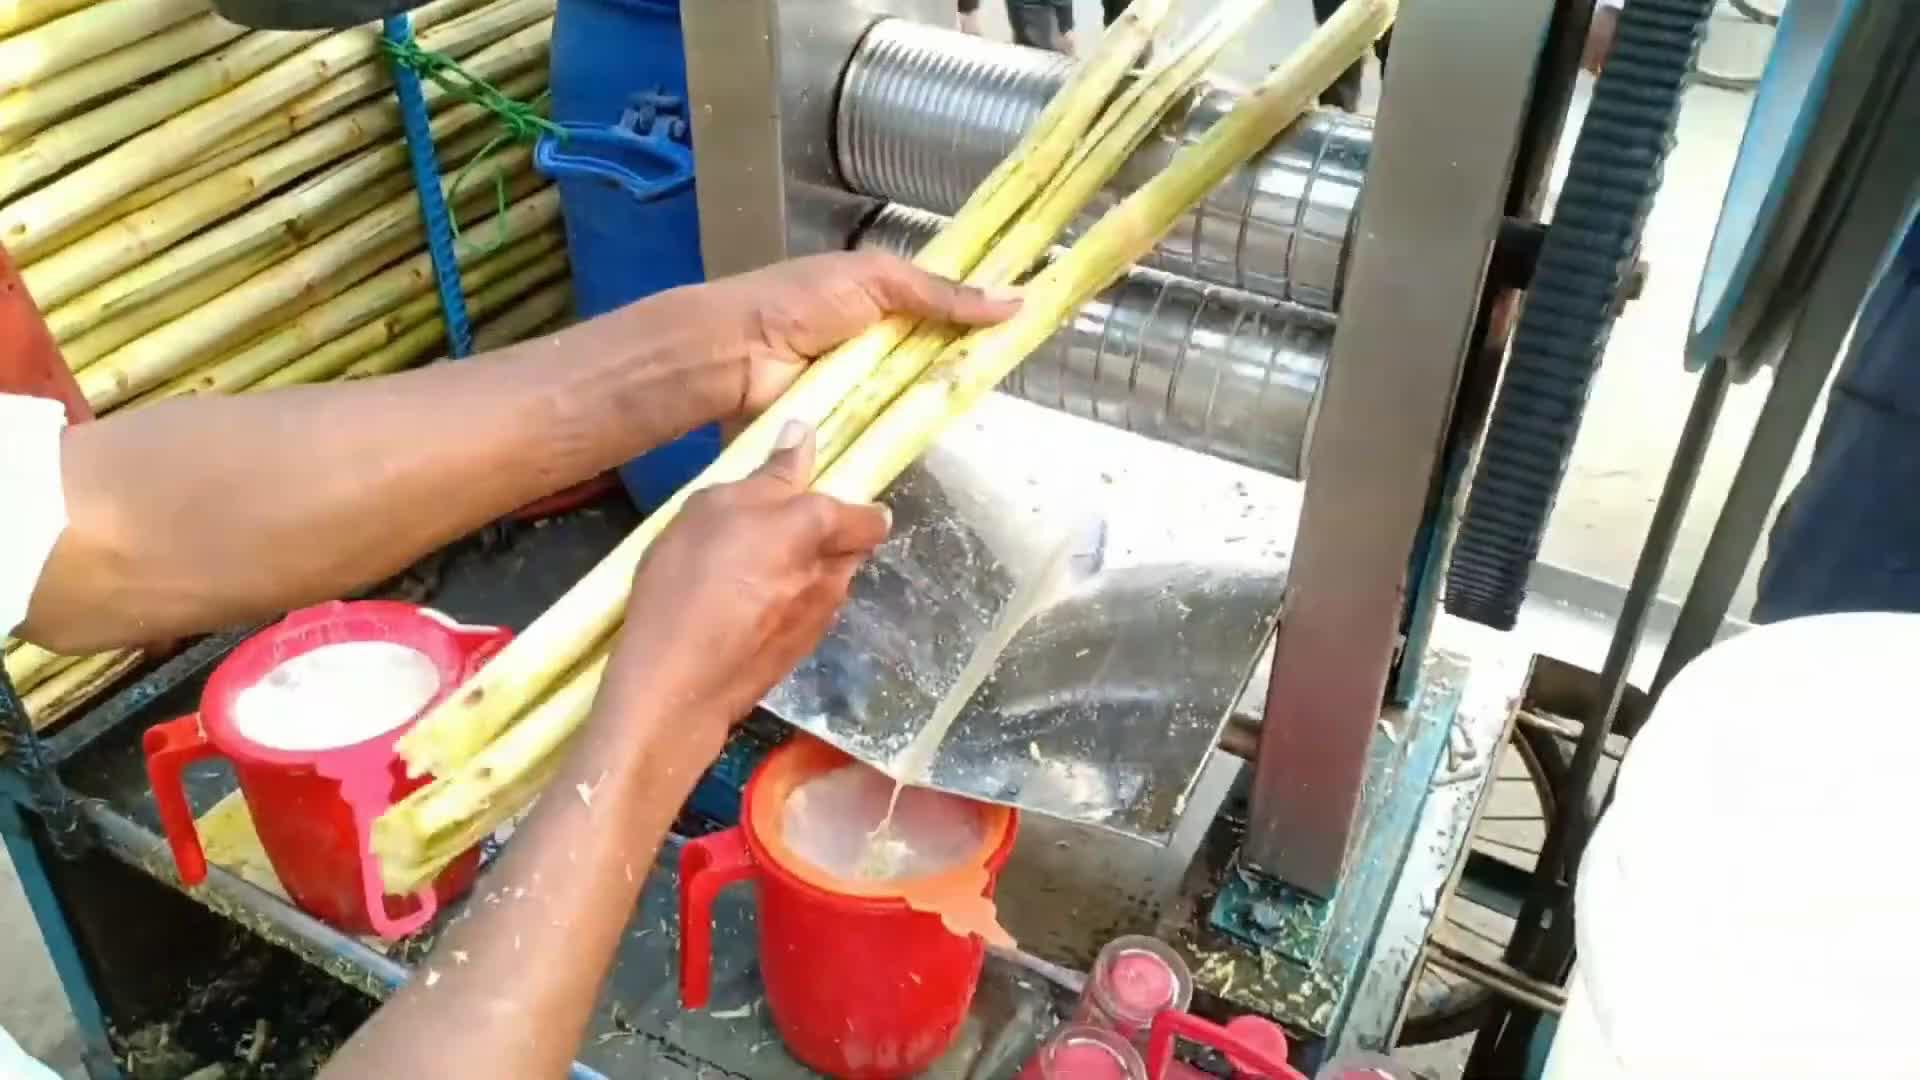 印度街头鲜榨甘蔗汁,原生态压榨方式不加一滴水,不怕拉肚子吗?